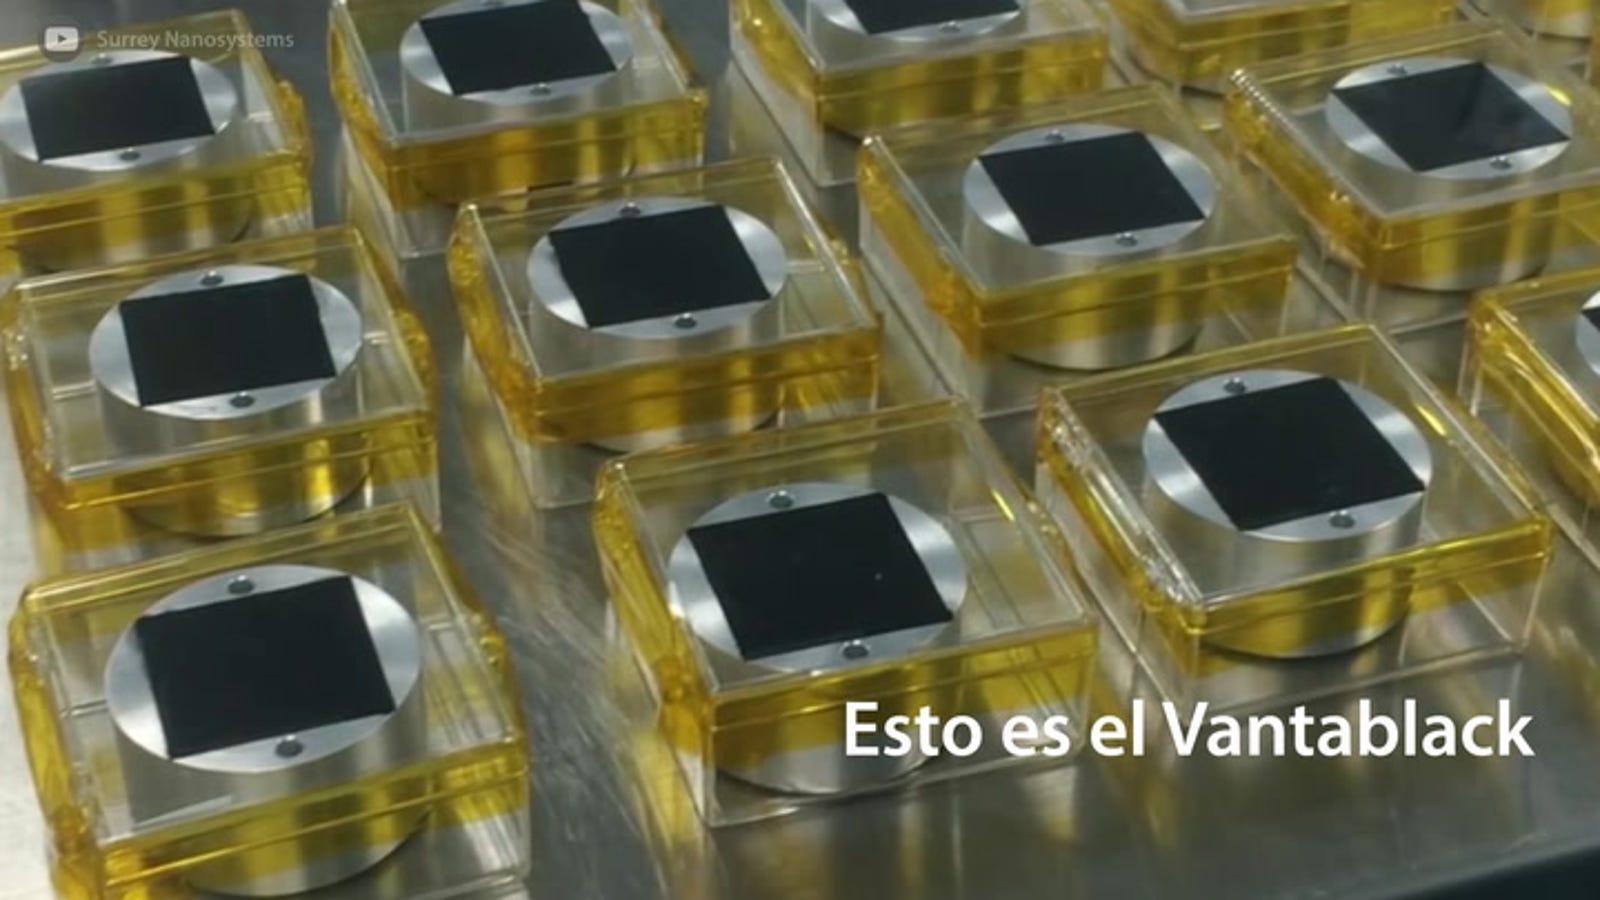 Científicos logran rociar un objeto con el material más negro del mundo (y da mucho miedo)